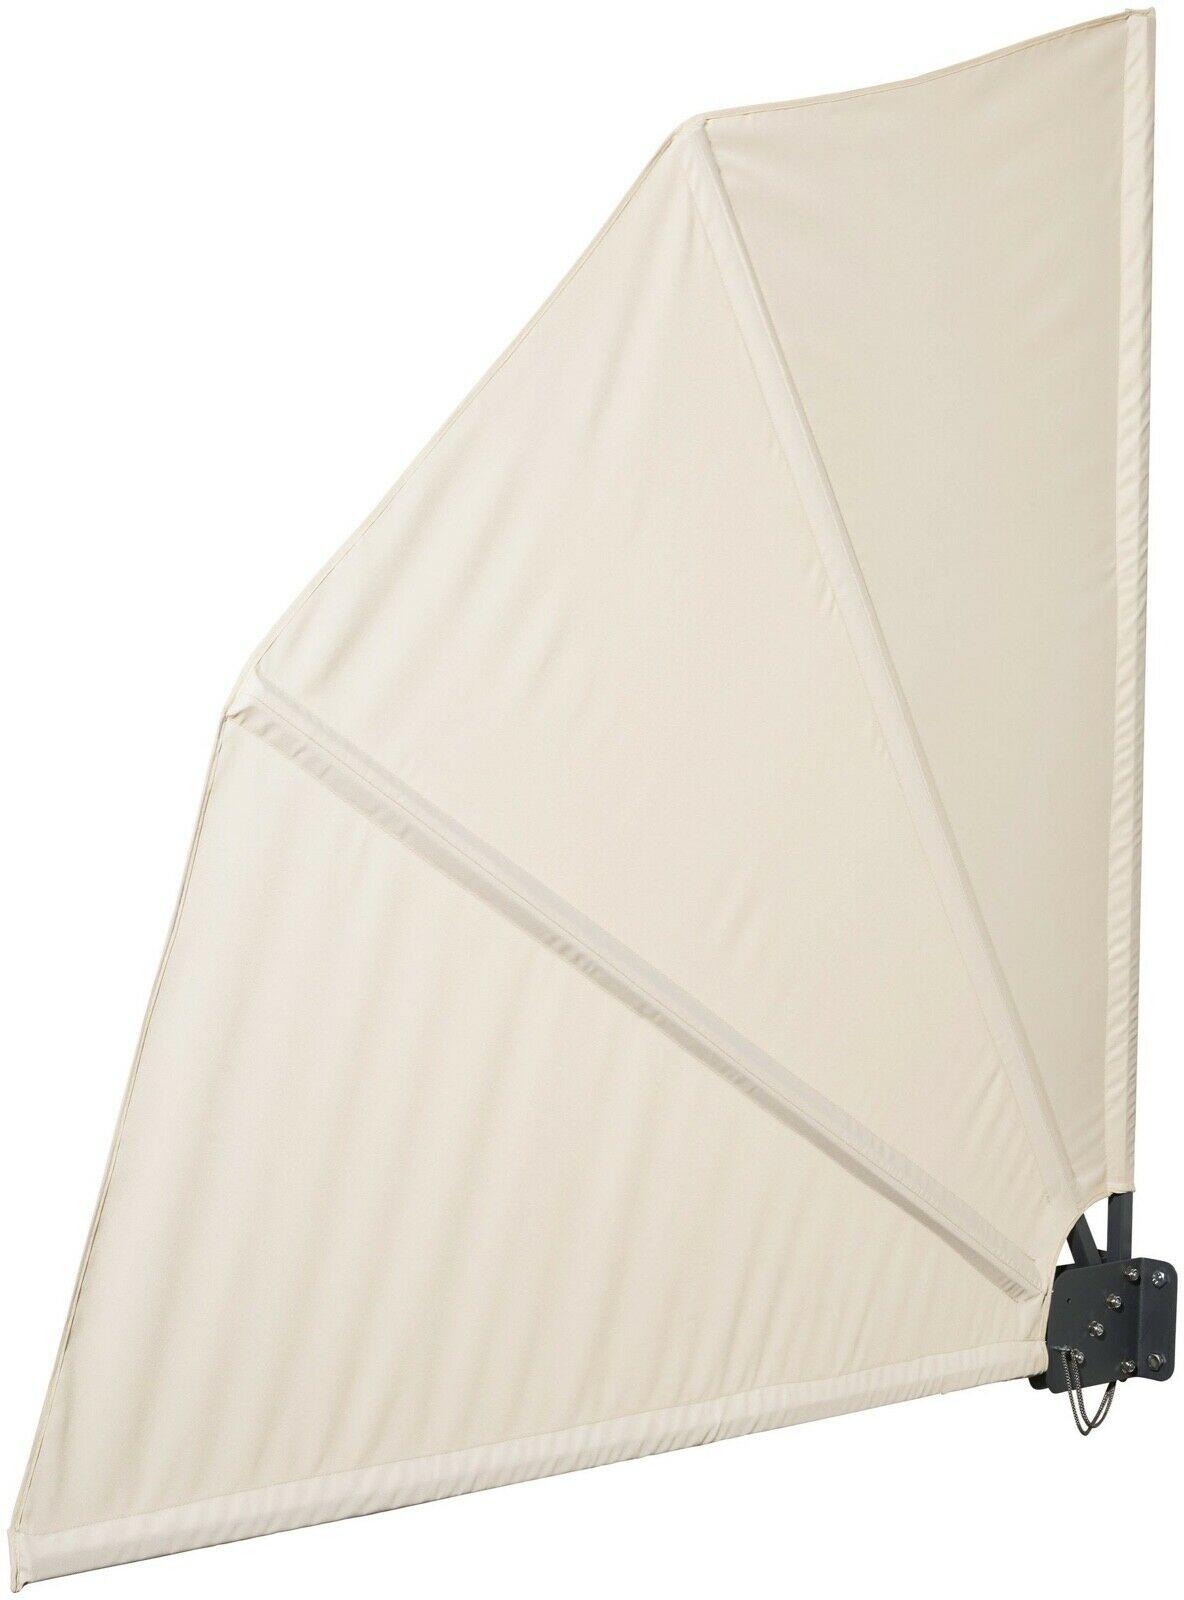 Sichtschutz Balkonfacher Markise Seitenmarkise Weiss Uvp 49 99